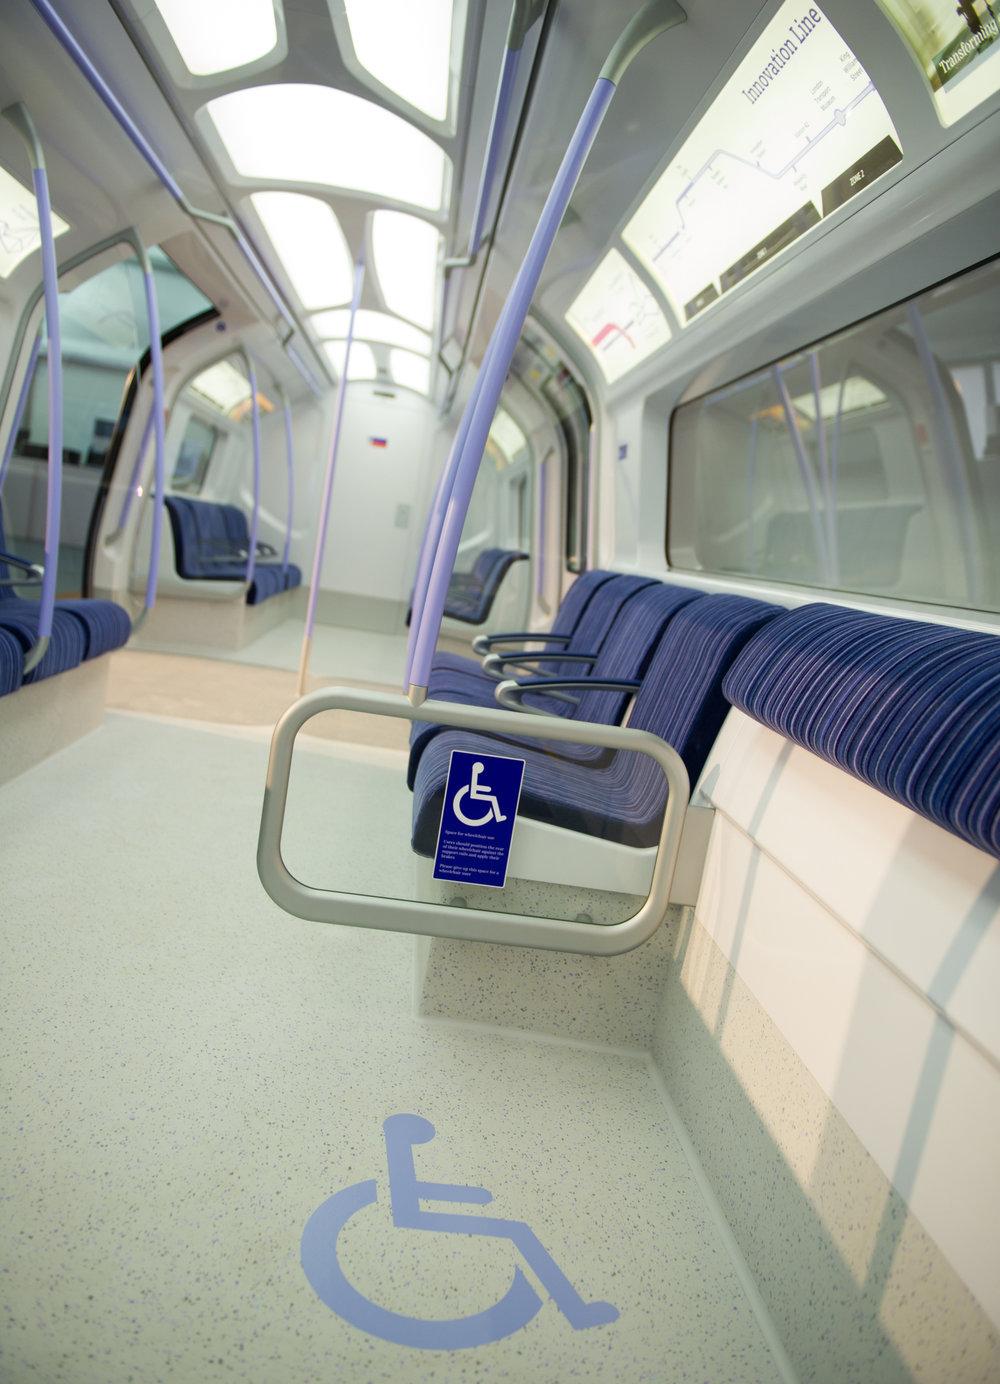 Pohled do interiéru navržené soupravy maloprofilového metra v Londýně z roku 2013. Finální provedení by mělo mít design s křivkami více podobnými konvenčnímu řešení Inspira.(zdroj: Siemens)